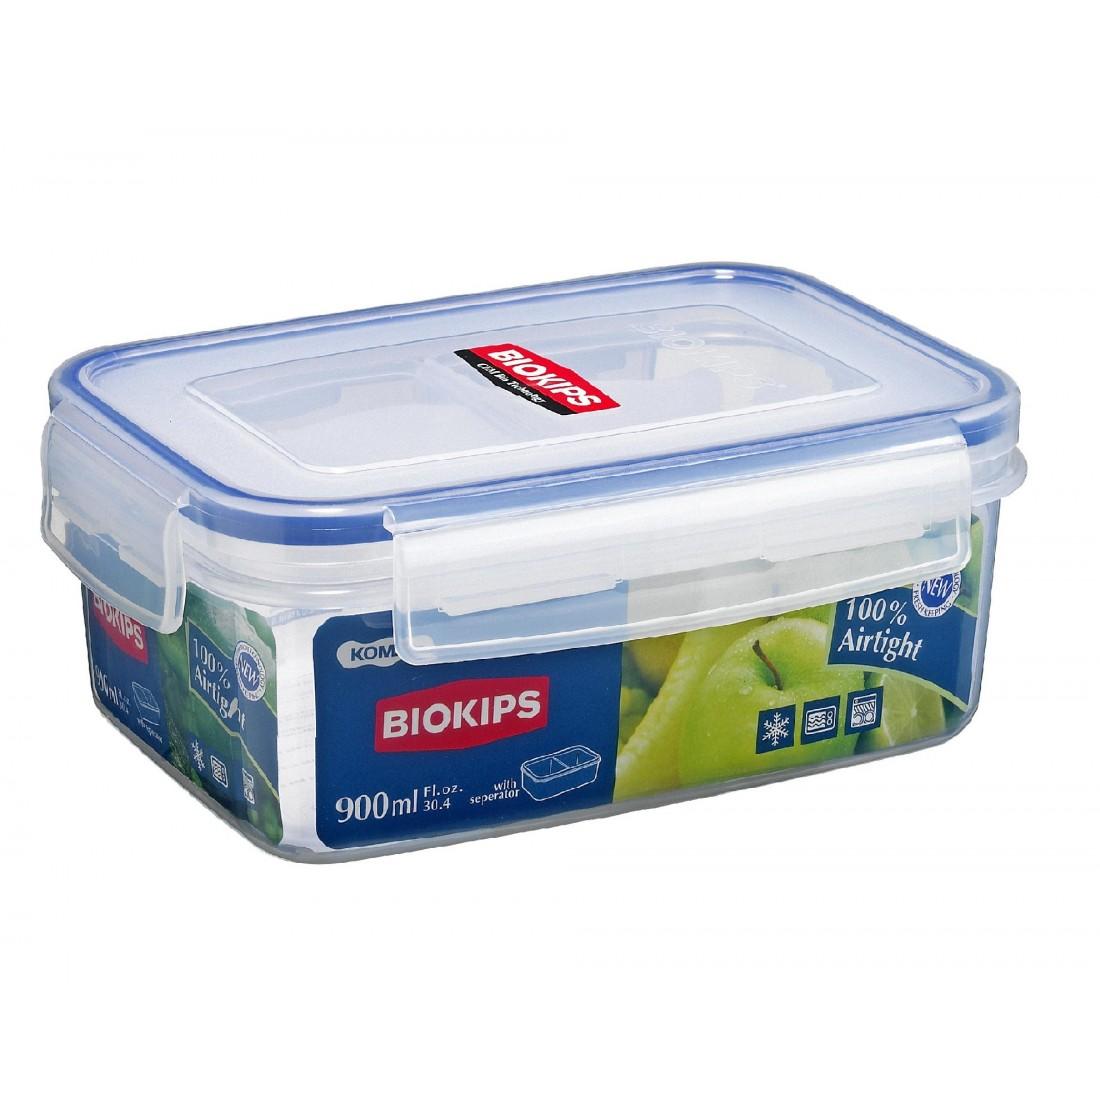 Hộp nhựa Komax Biokips 900ml có khay-Thế giới đồ gia dụng HMD